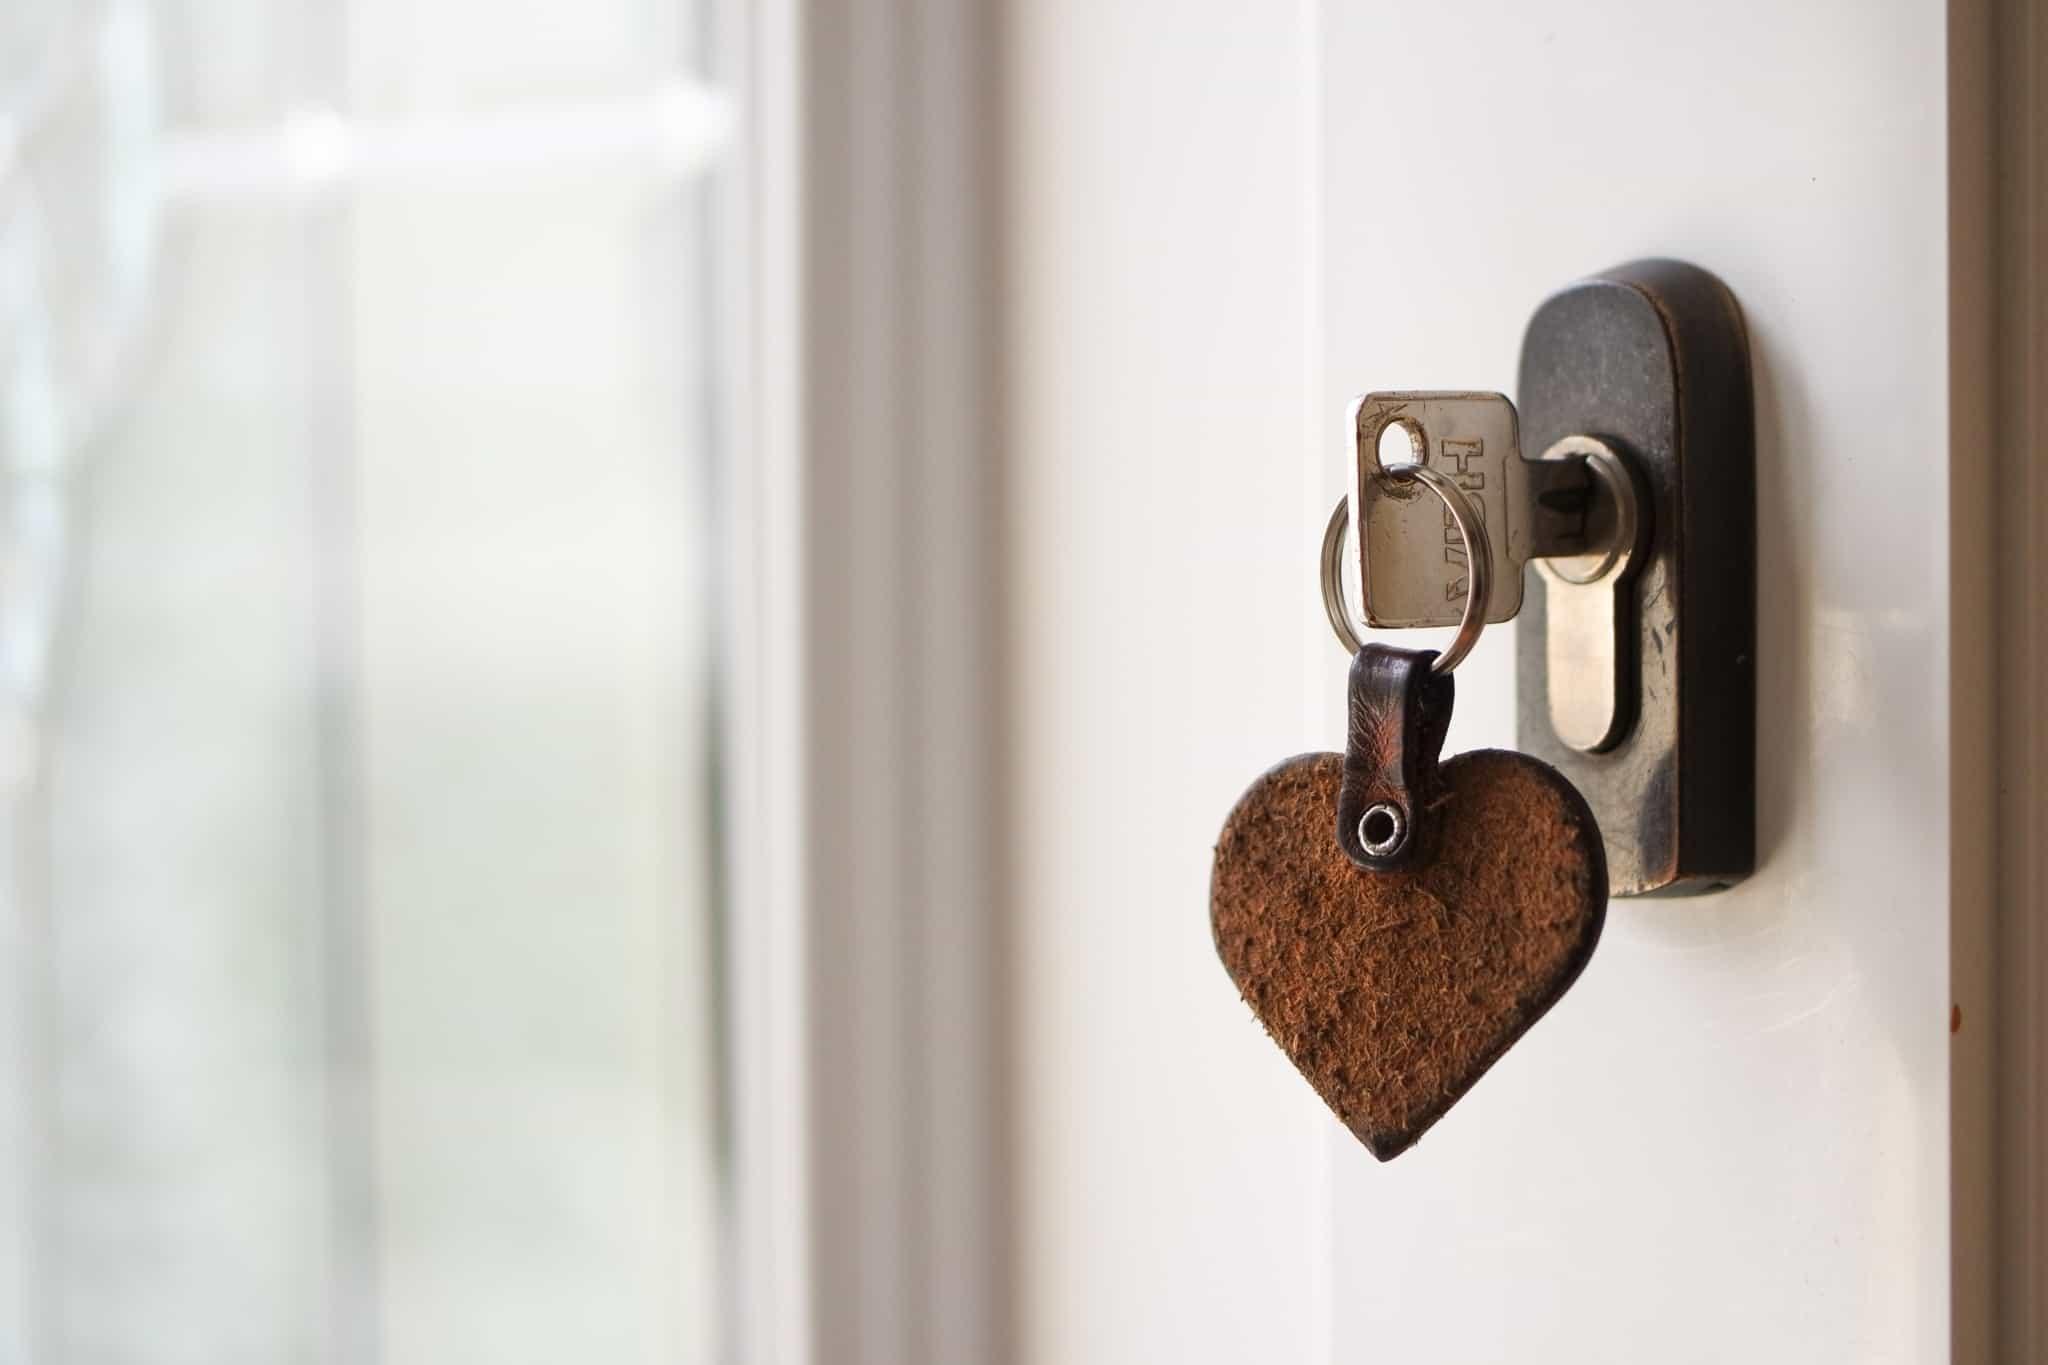 chave de casa colocada na fechadura com um porta chaves de um coraçao